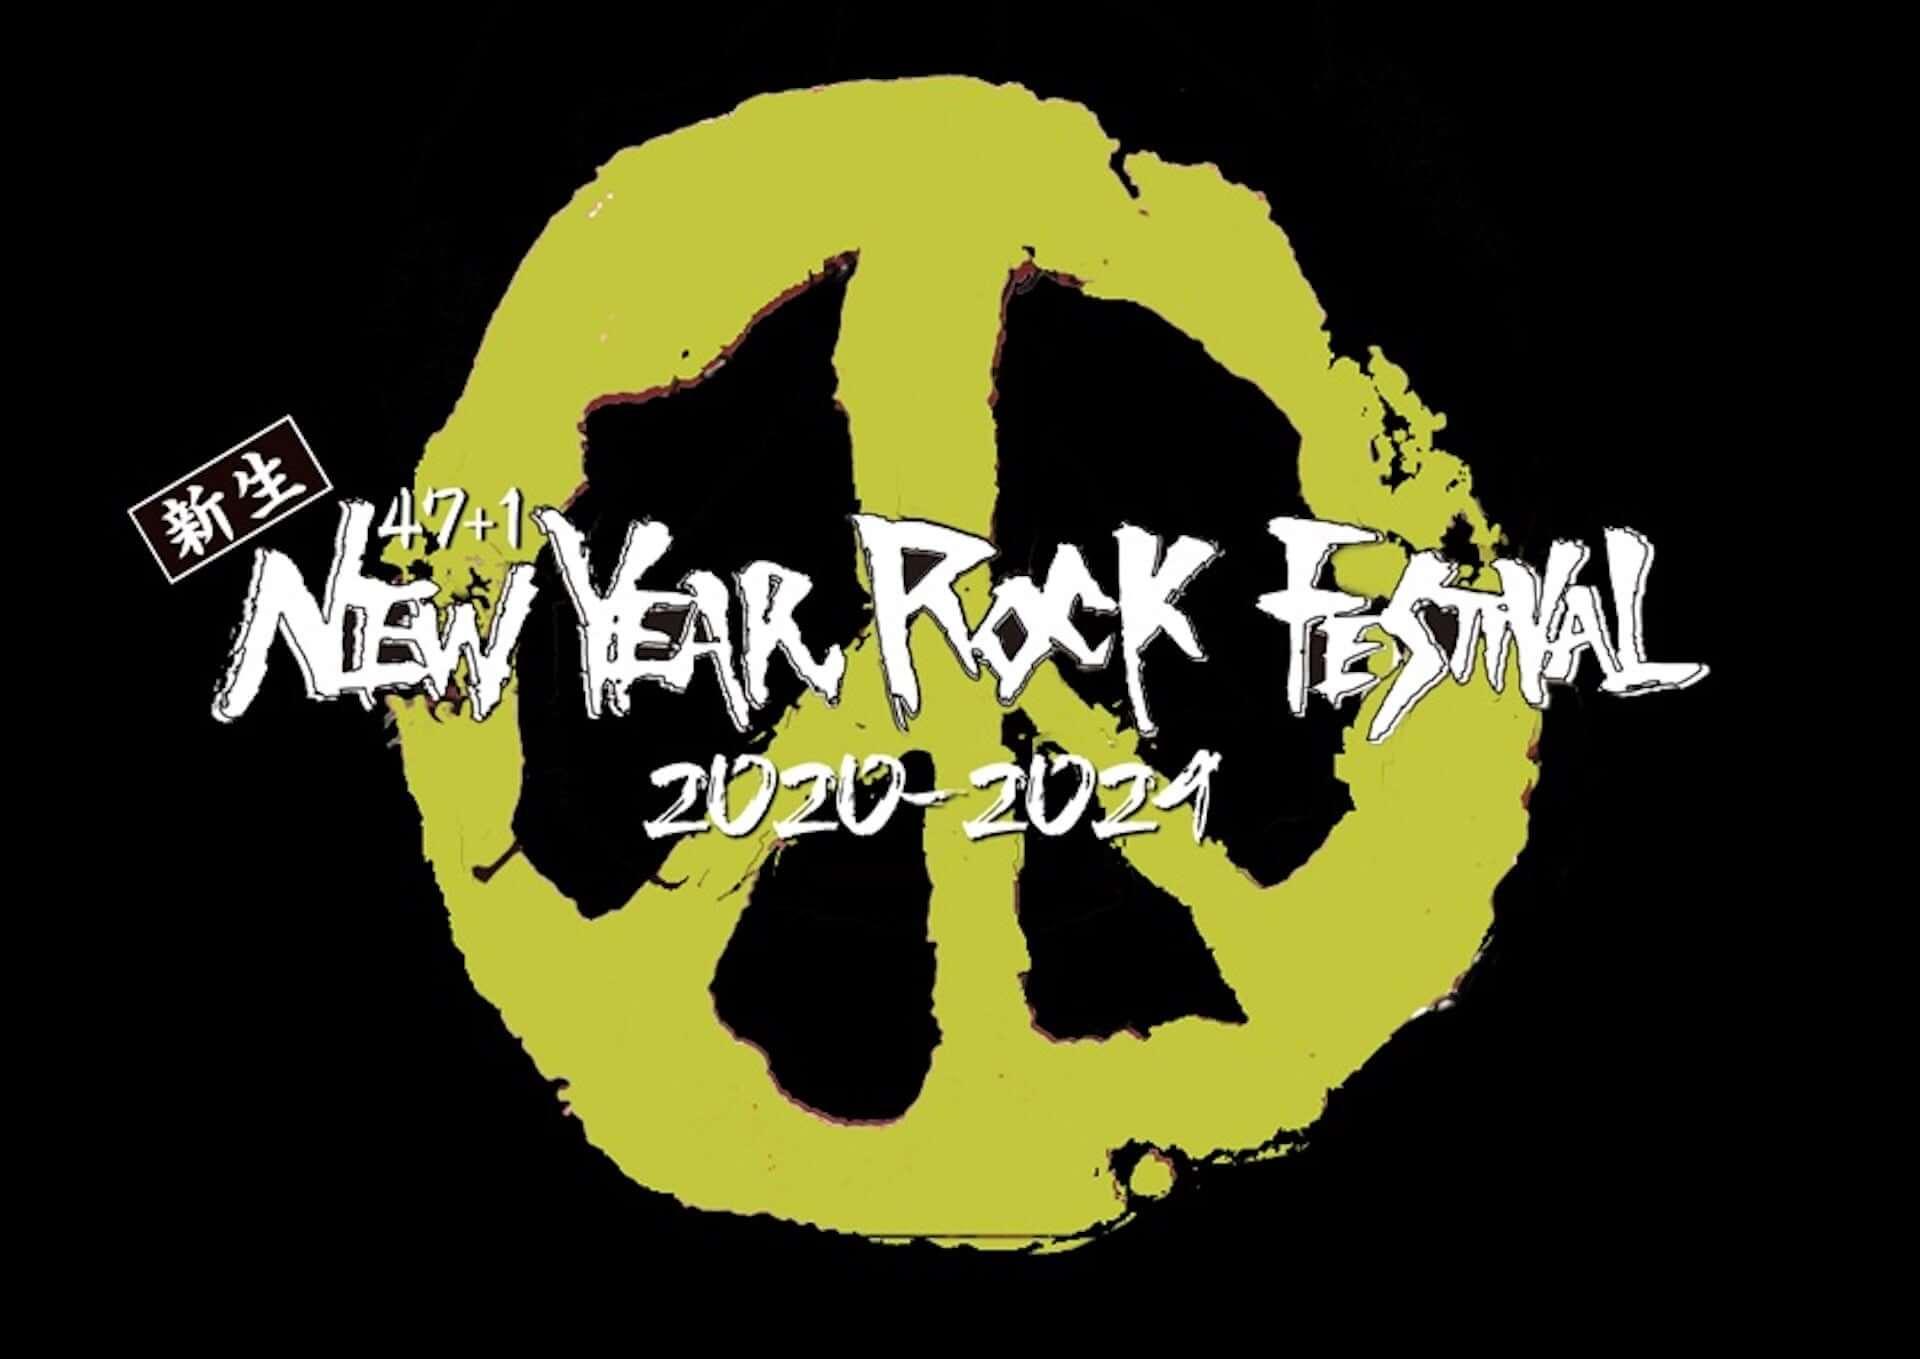 無観客生配信ライブ<47+1 新生 New Year Rock Festival>第5弾ラインナップが解禁!J-REXXX、RUEED、瓜田純士&麗子が登場 music201112_newyearrockfes_4-1920x1359